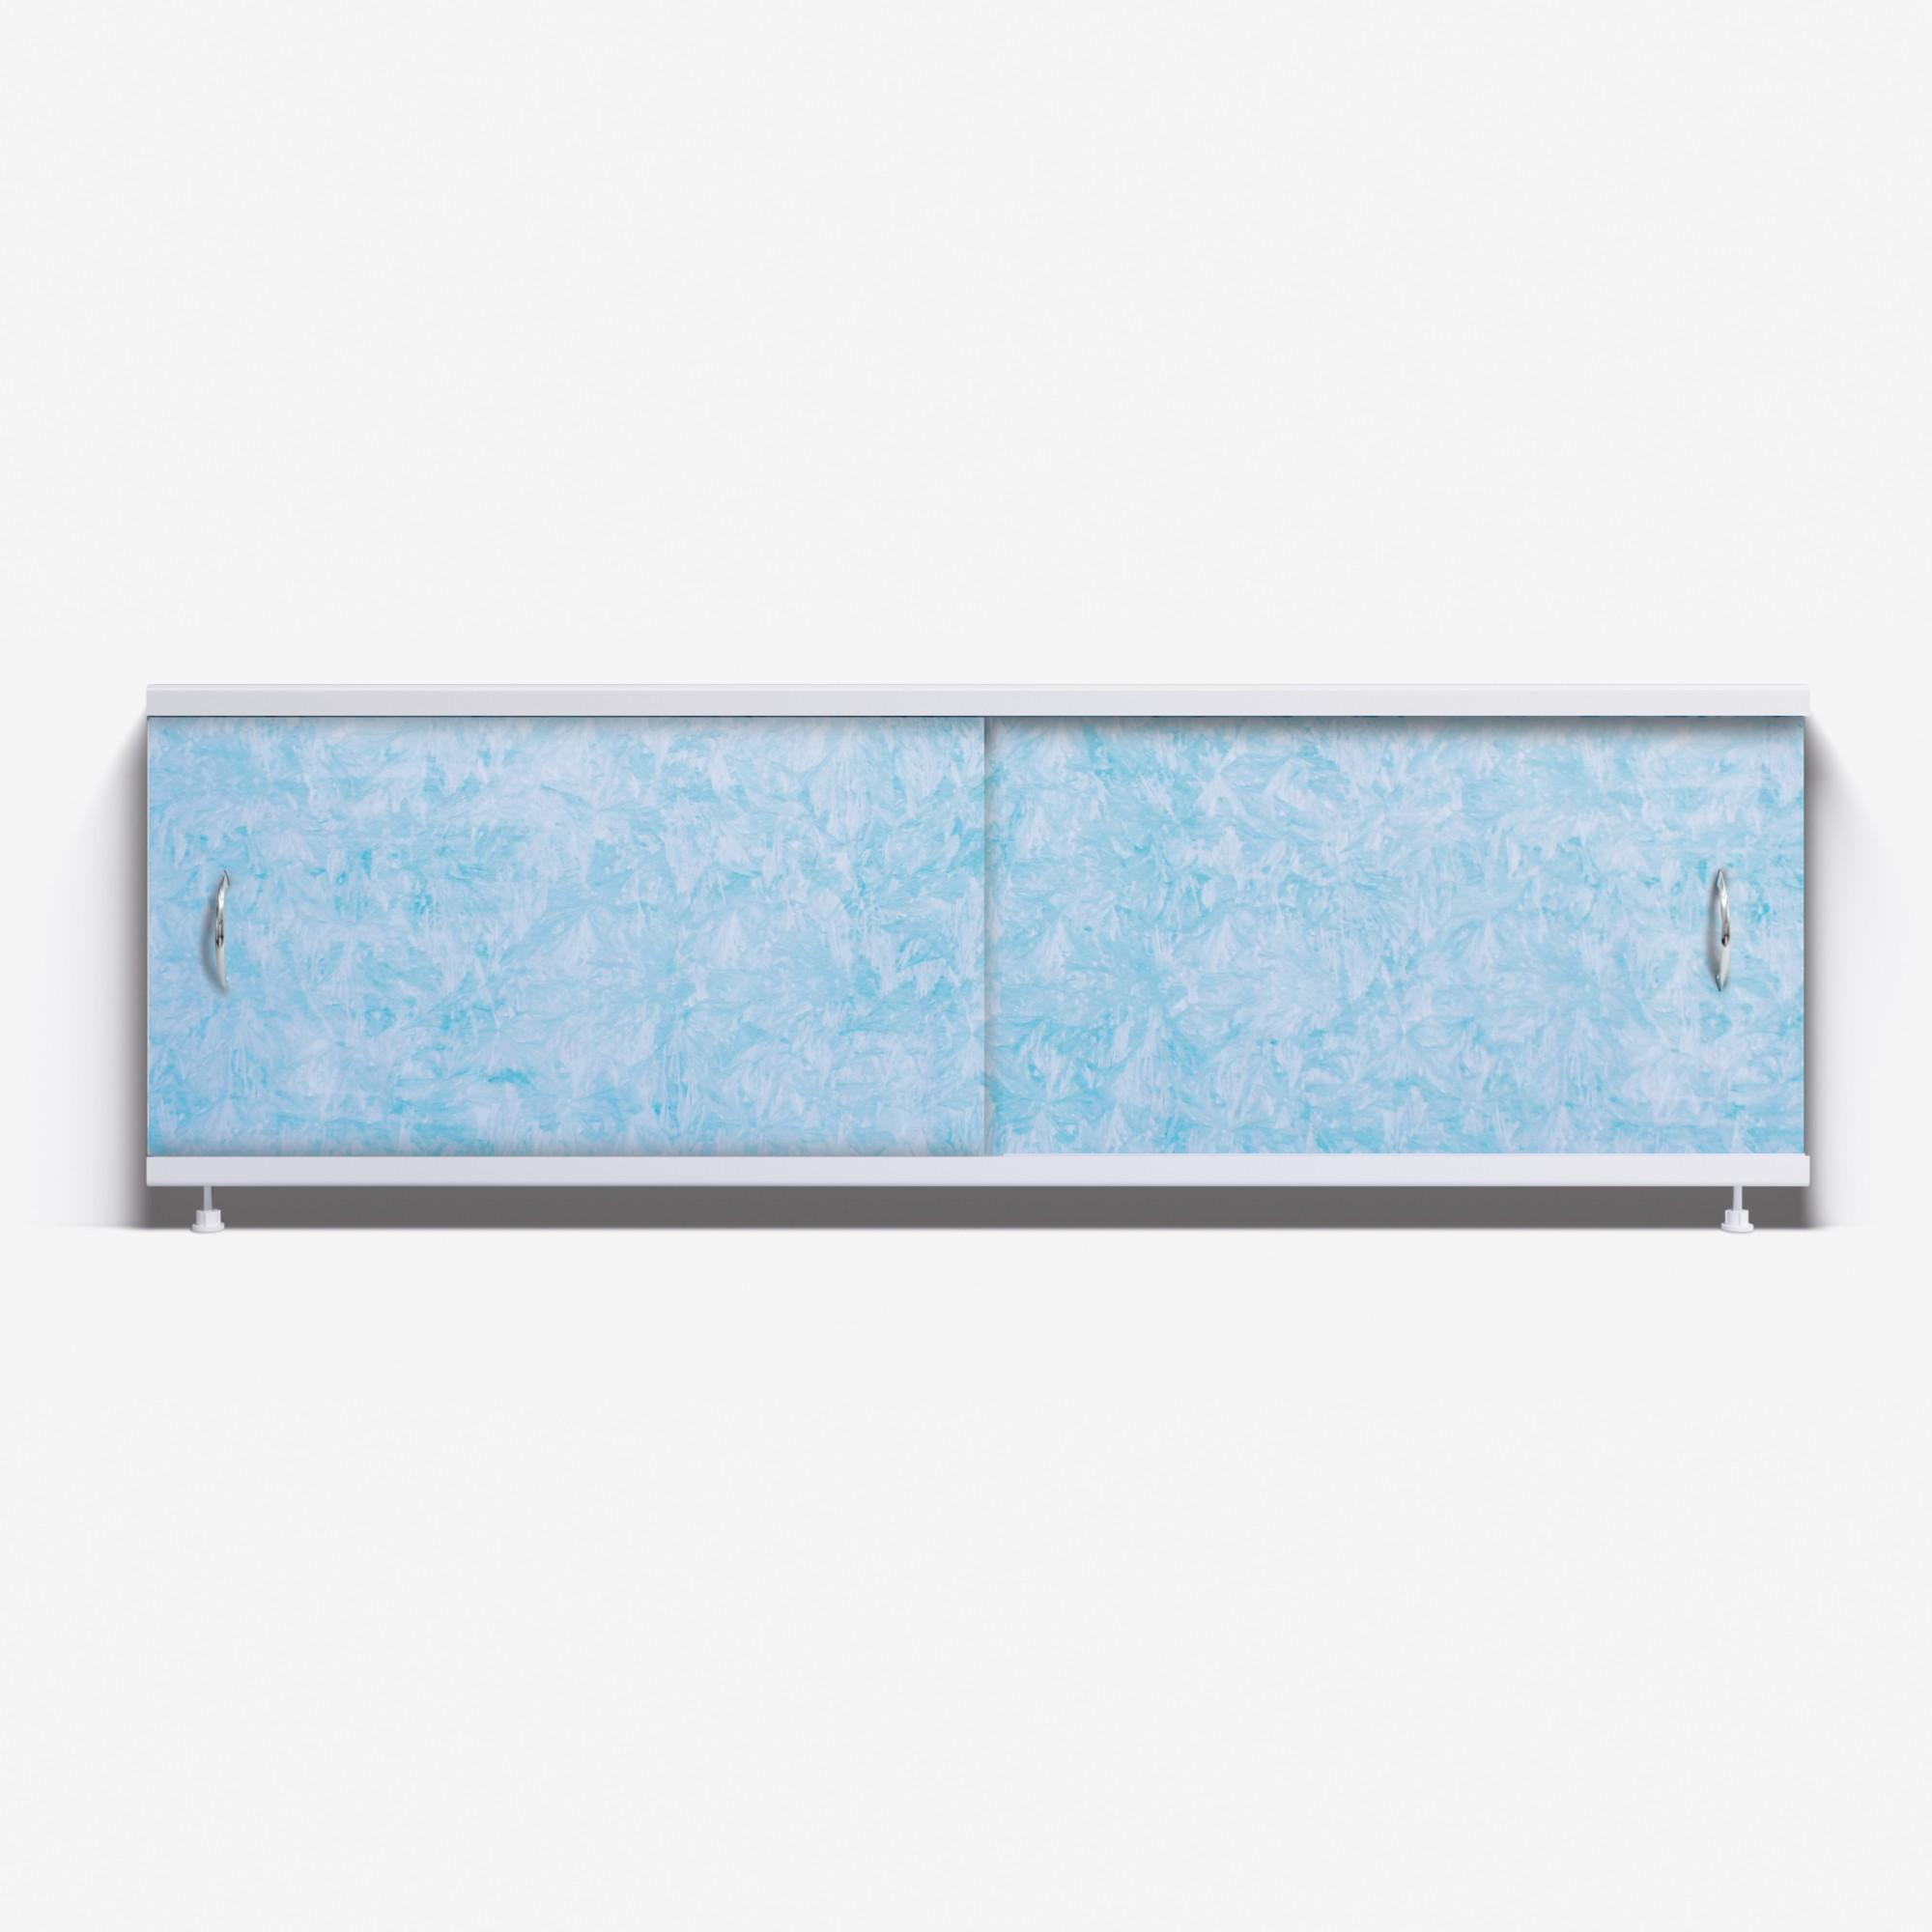 Экран под ванну Классик 150 голубой мороз